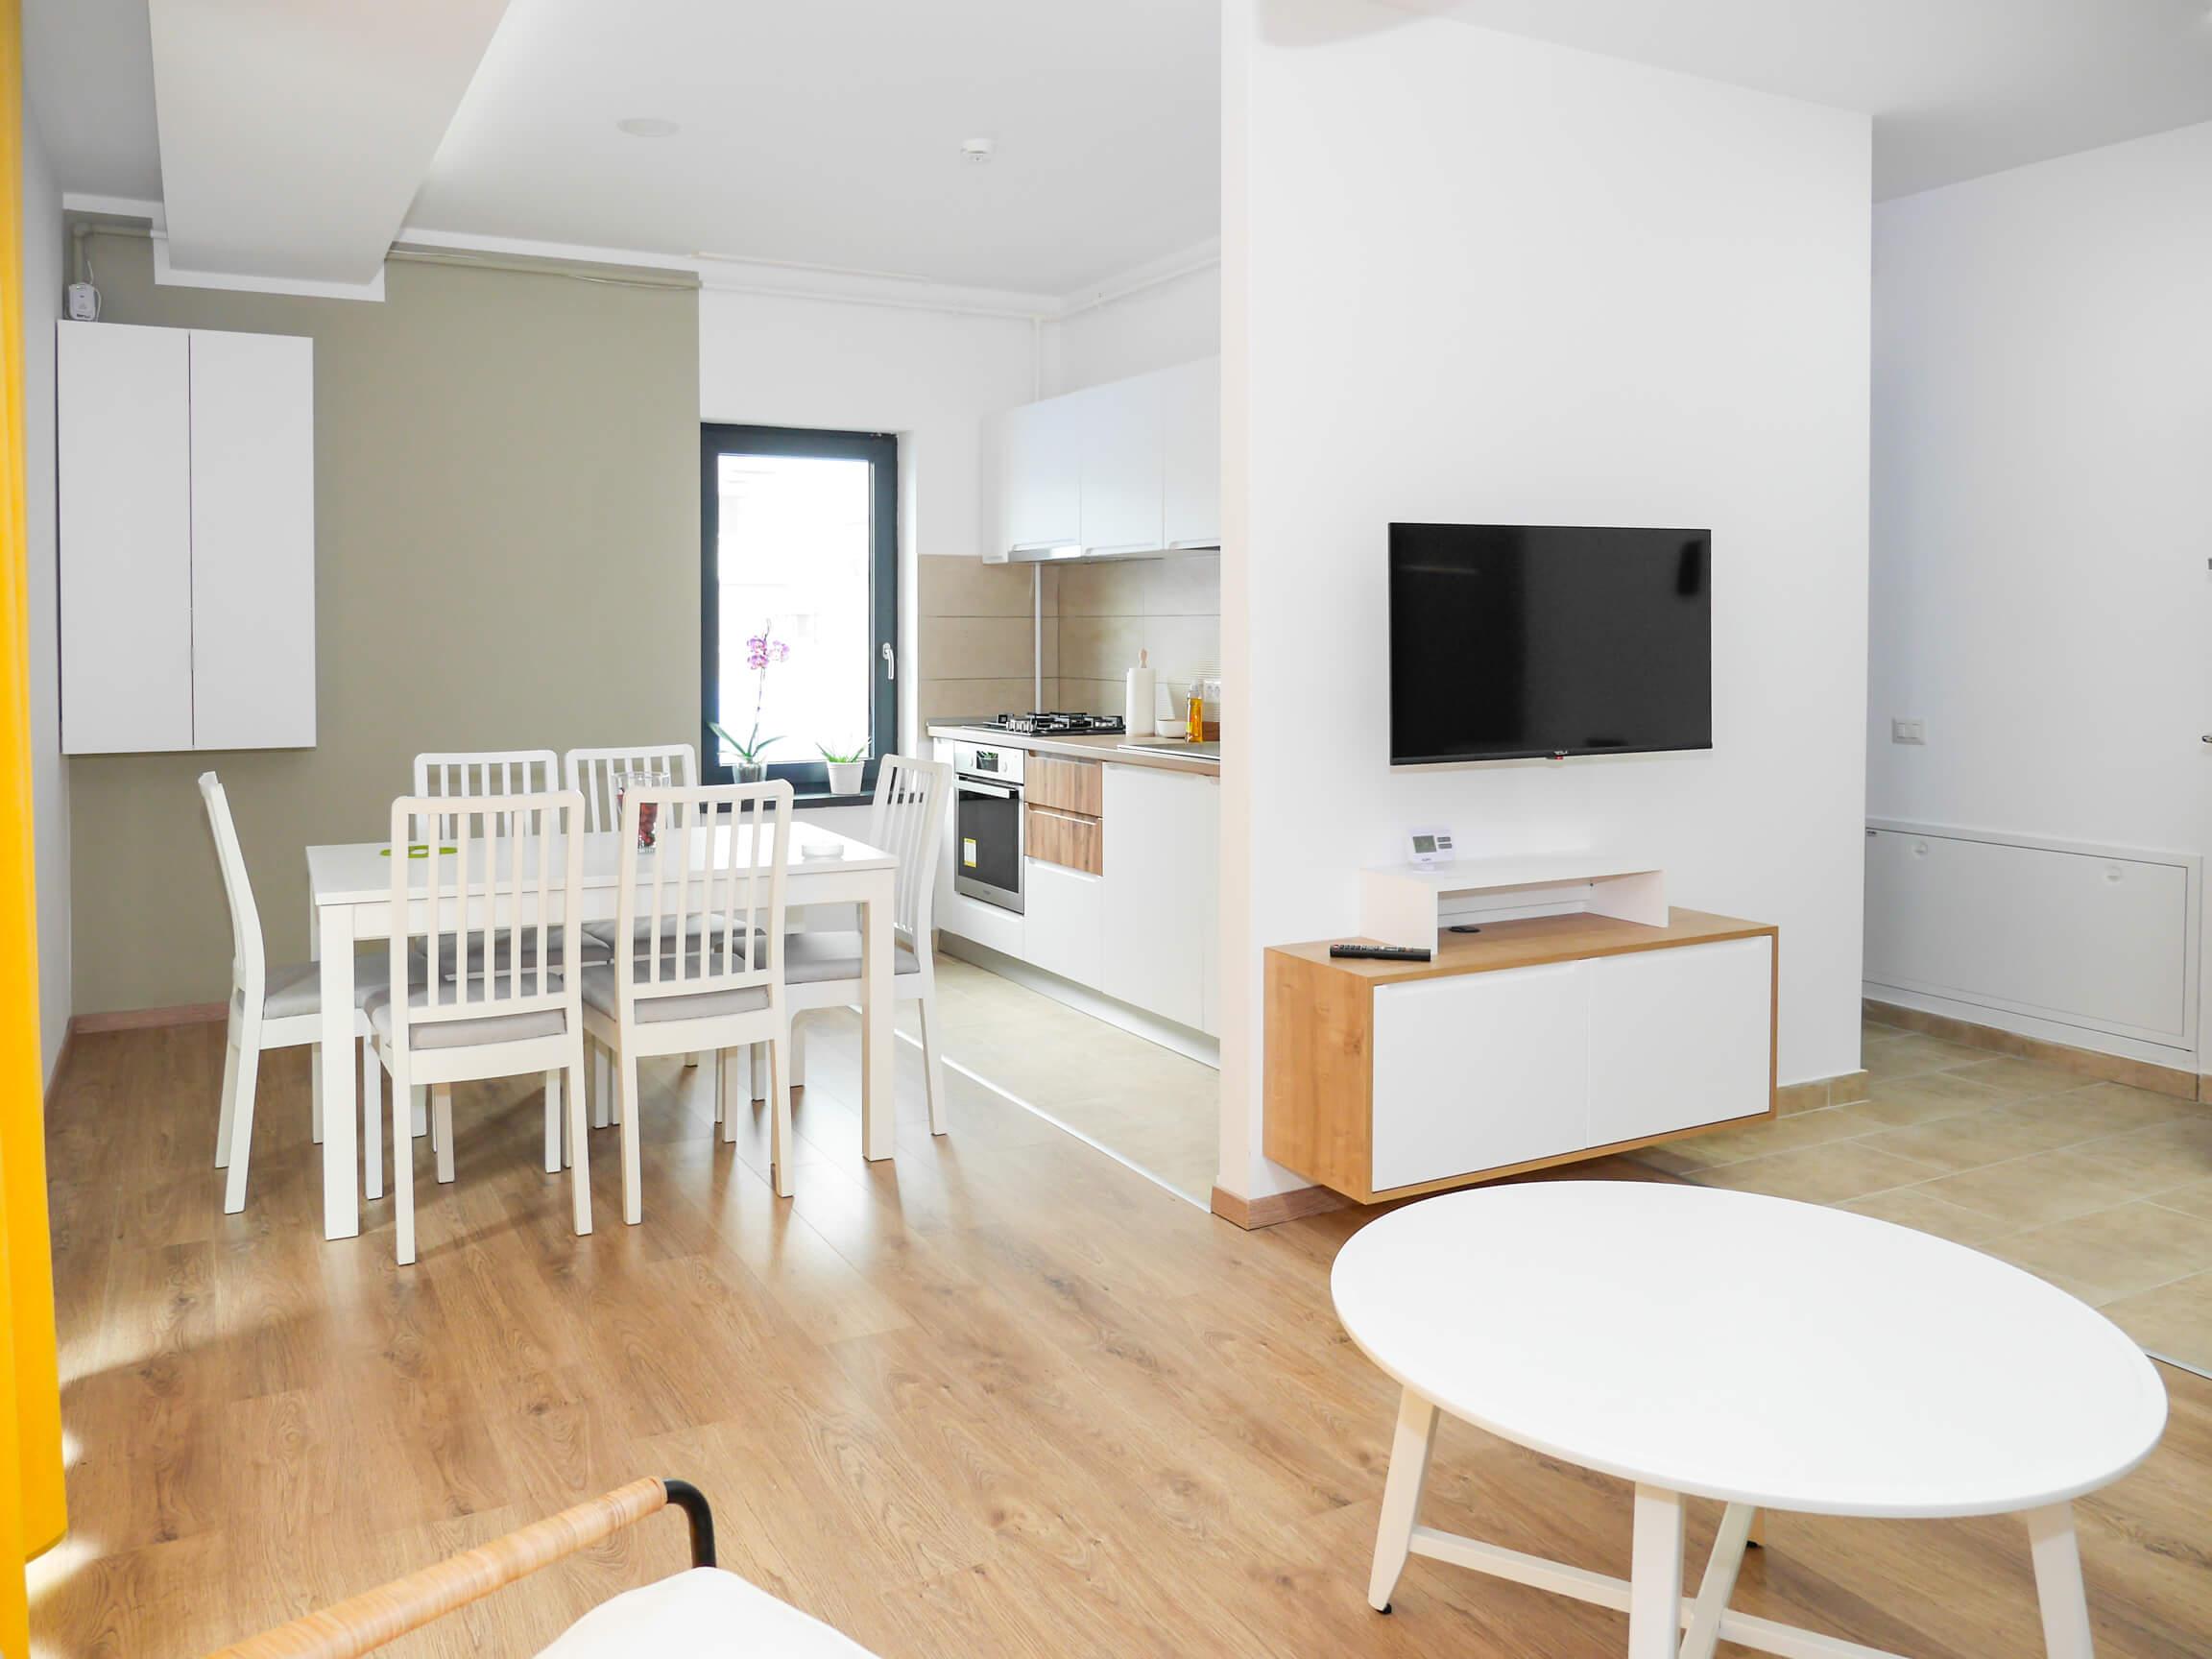 Clement Apartments - apartamente de inchiriat in regim hotelier - cazare neamt - cazare piatra neamt - apartament 4 (5)